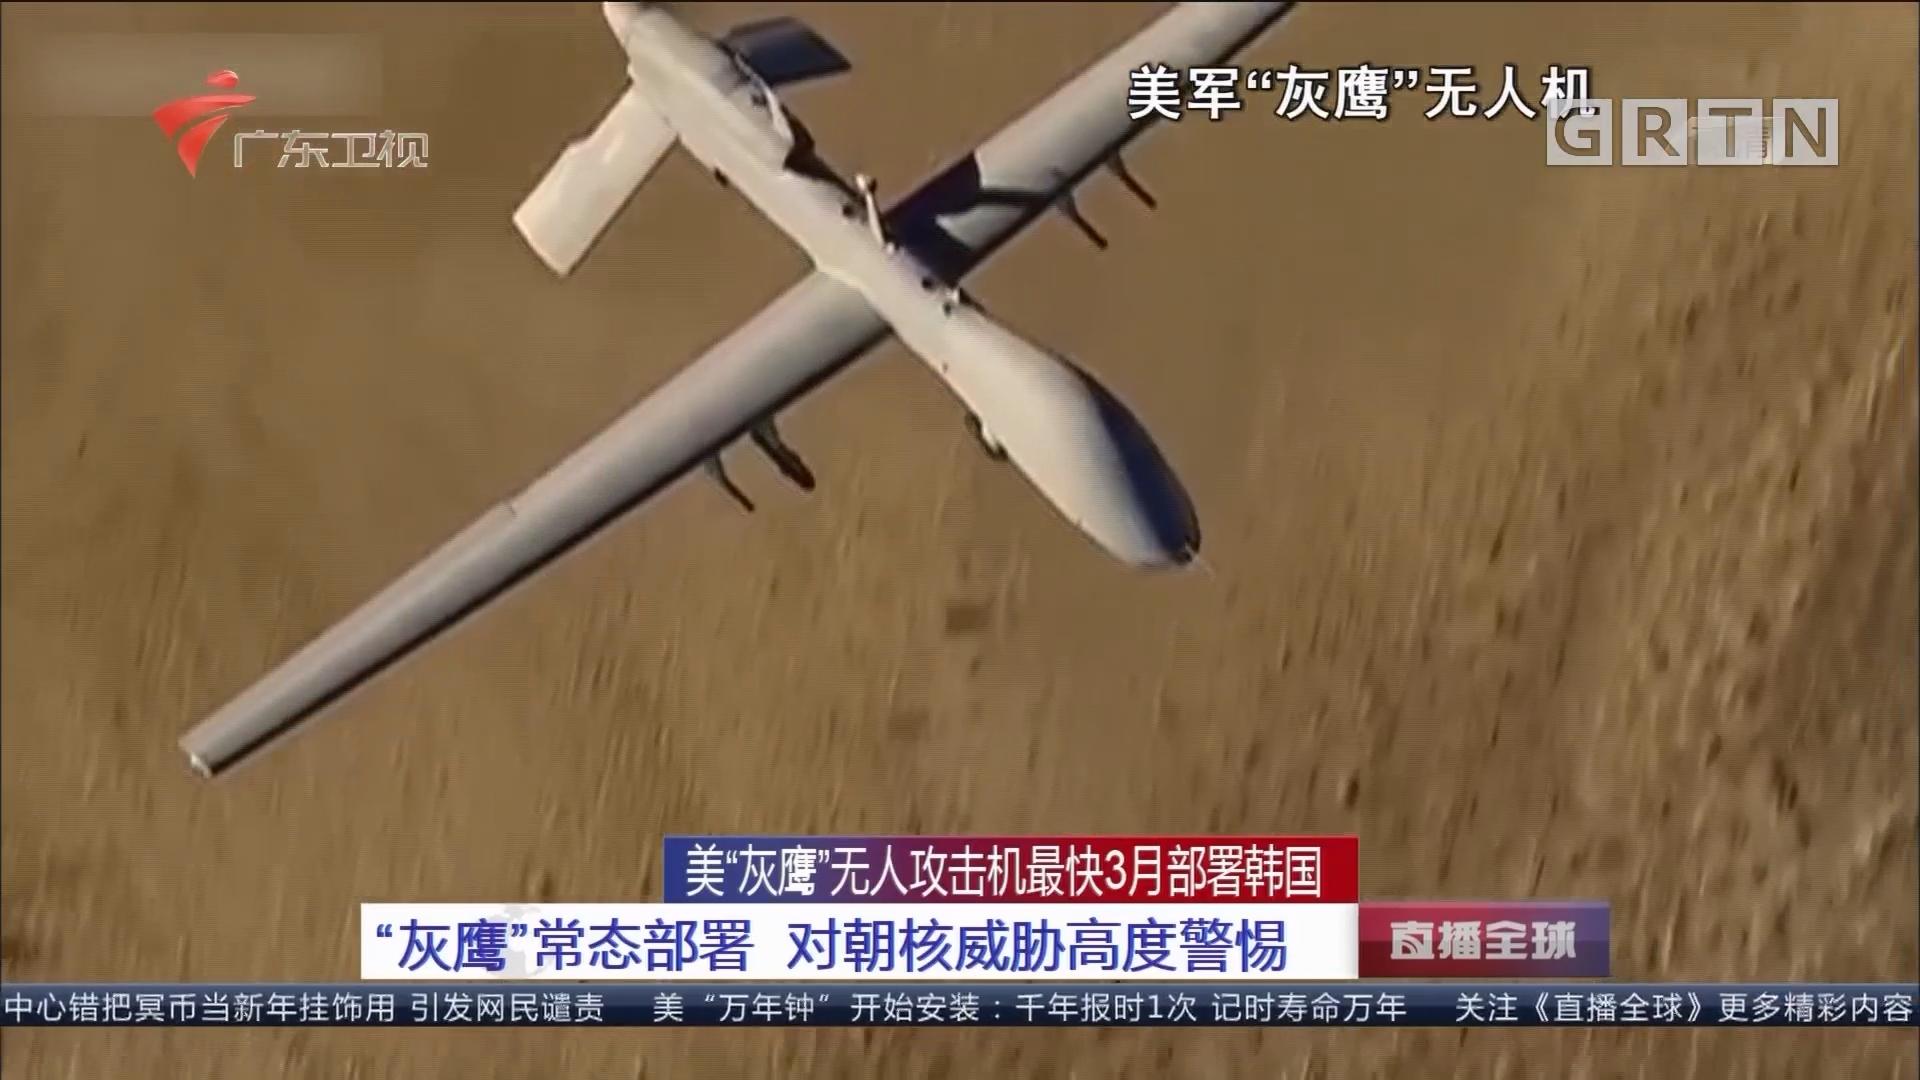 """美""""灰鹰""""无人攻击机最快3月部署韩国:""""灰鹰""""常态部署 对朝核威胁高度警惕"""